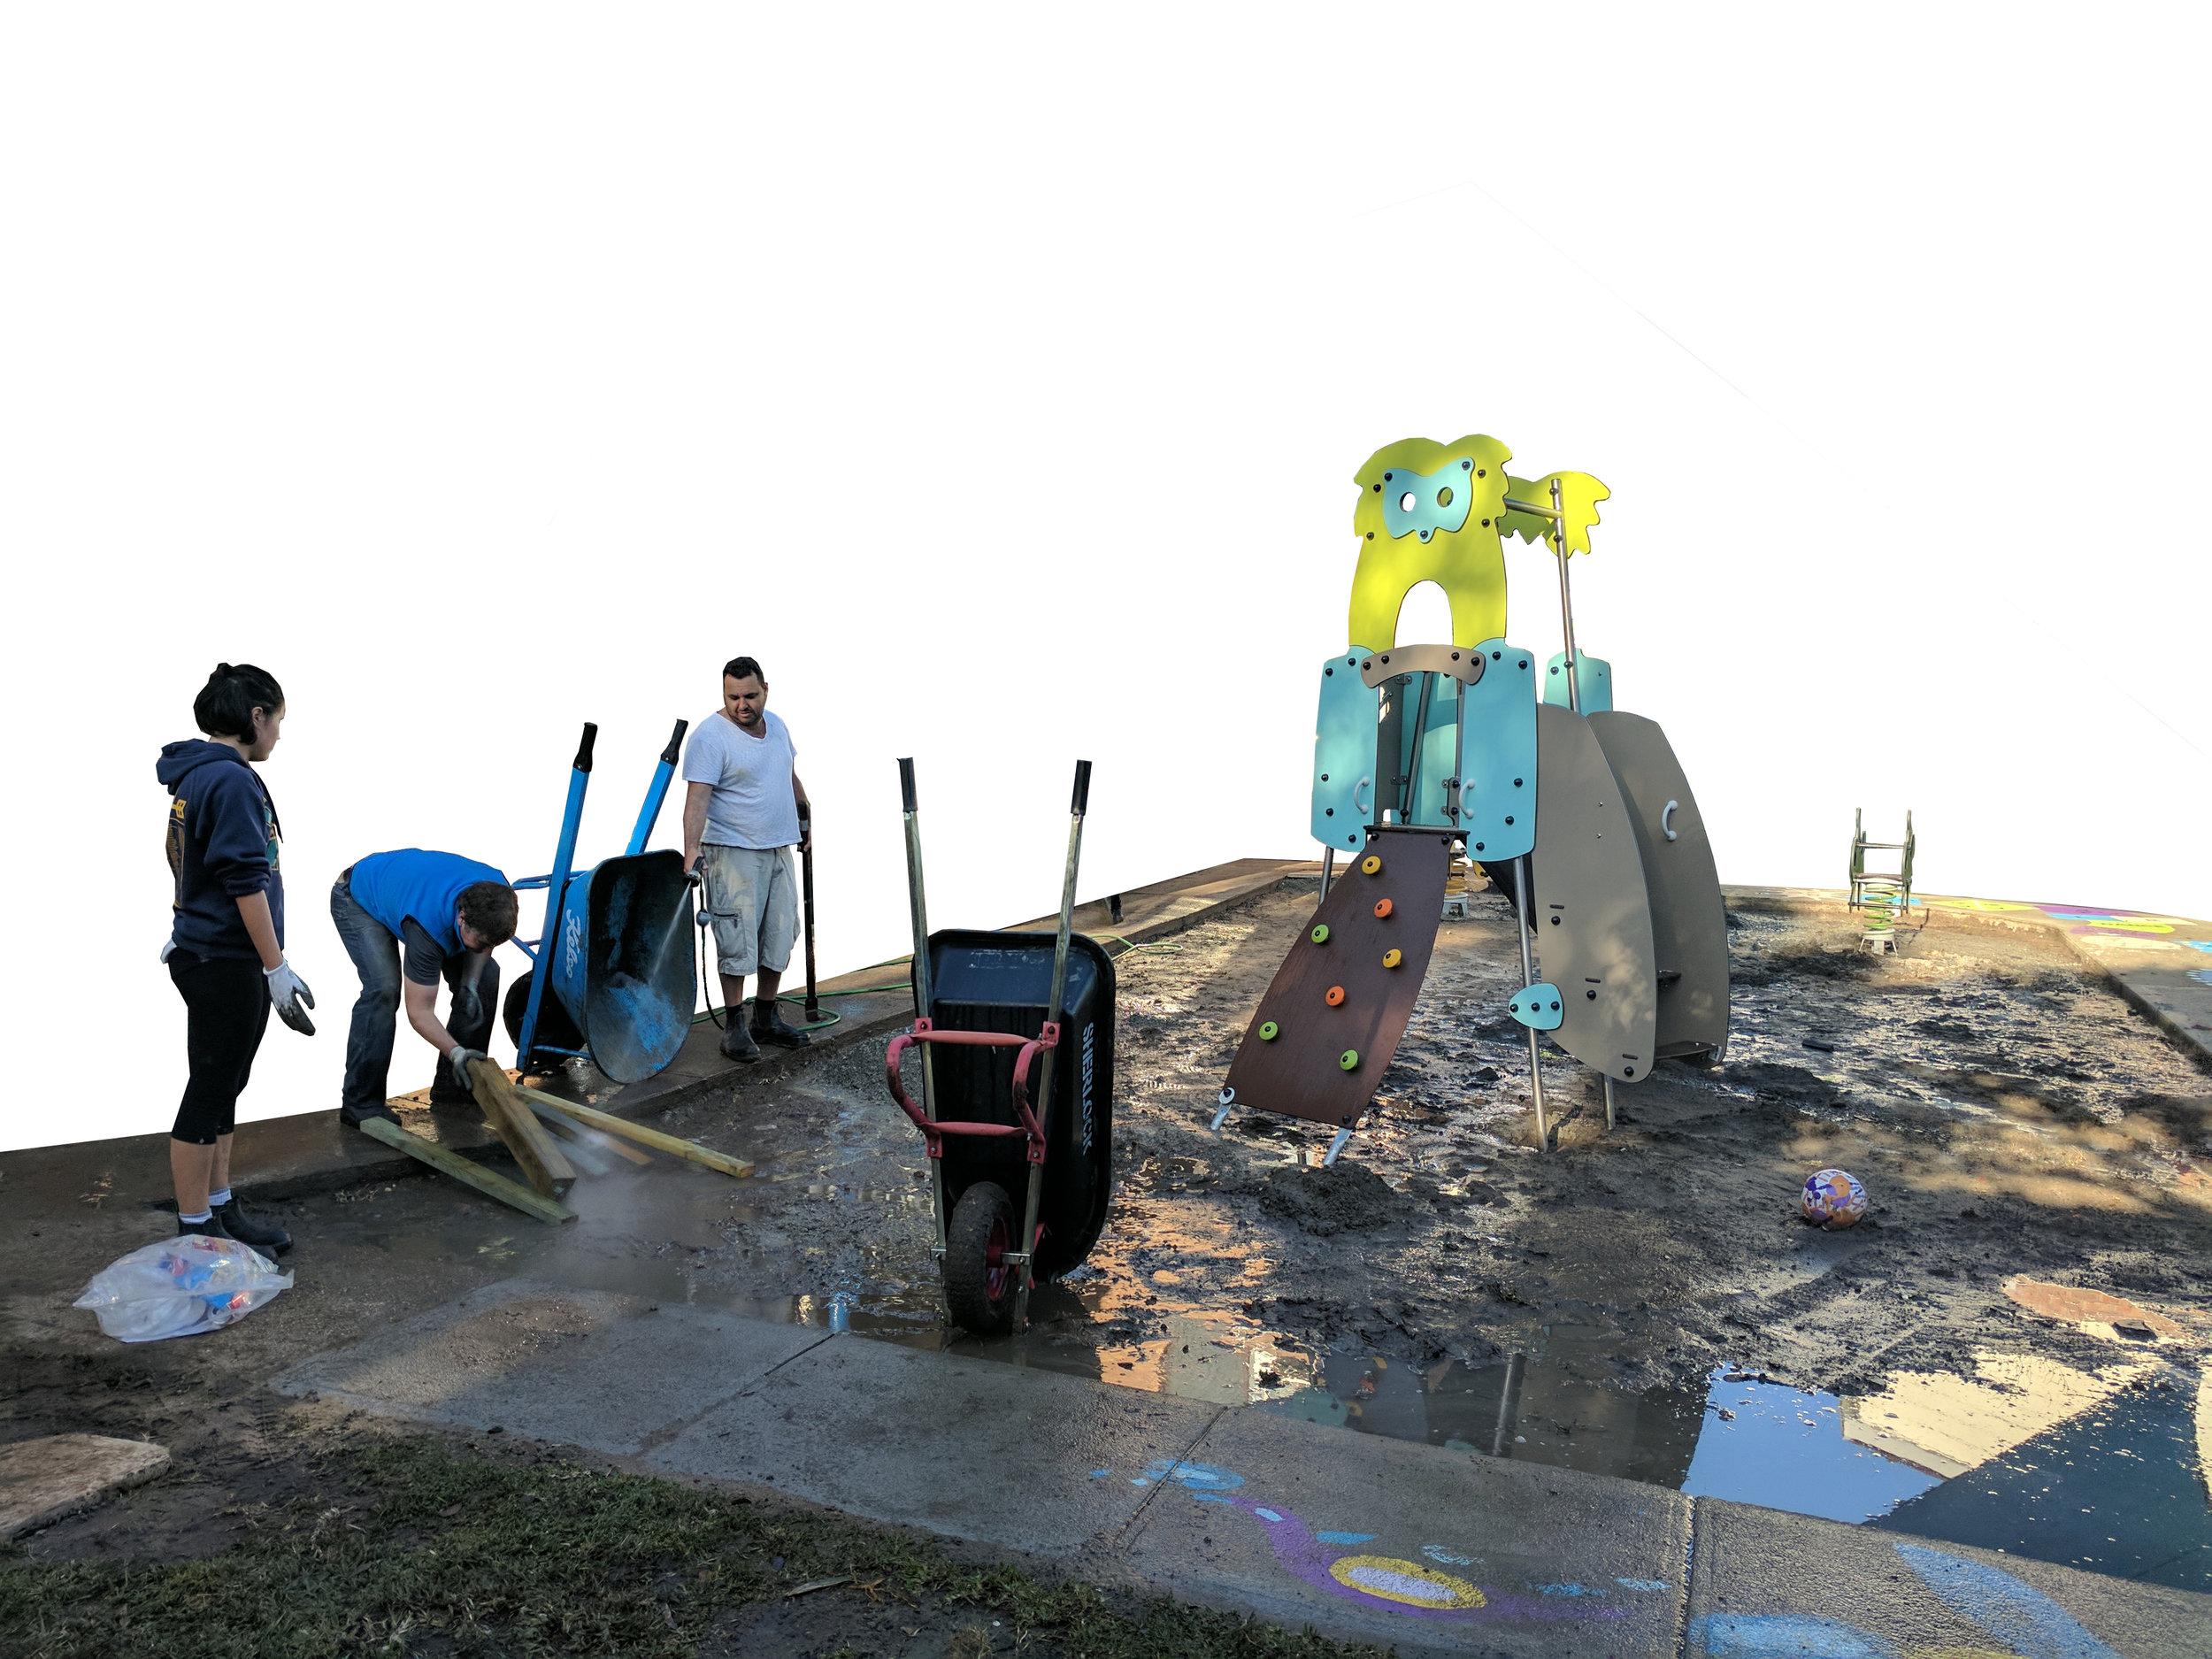 cleaning wheelbarrows in mud pit.jpg